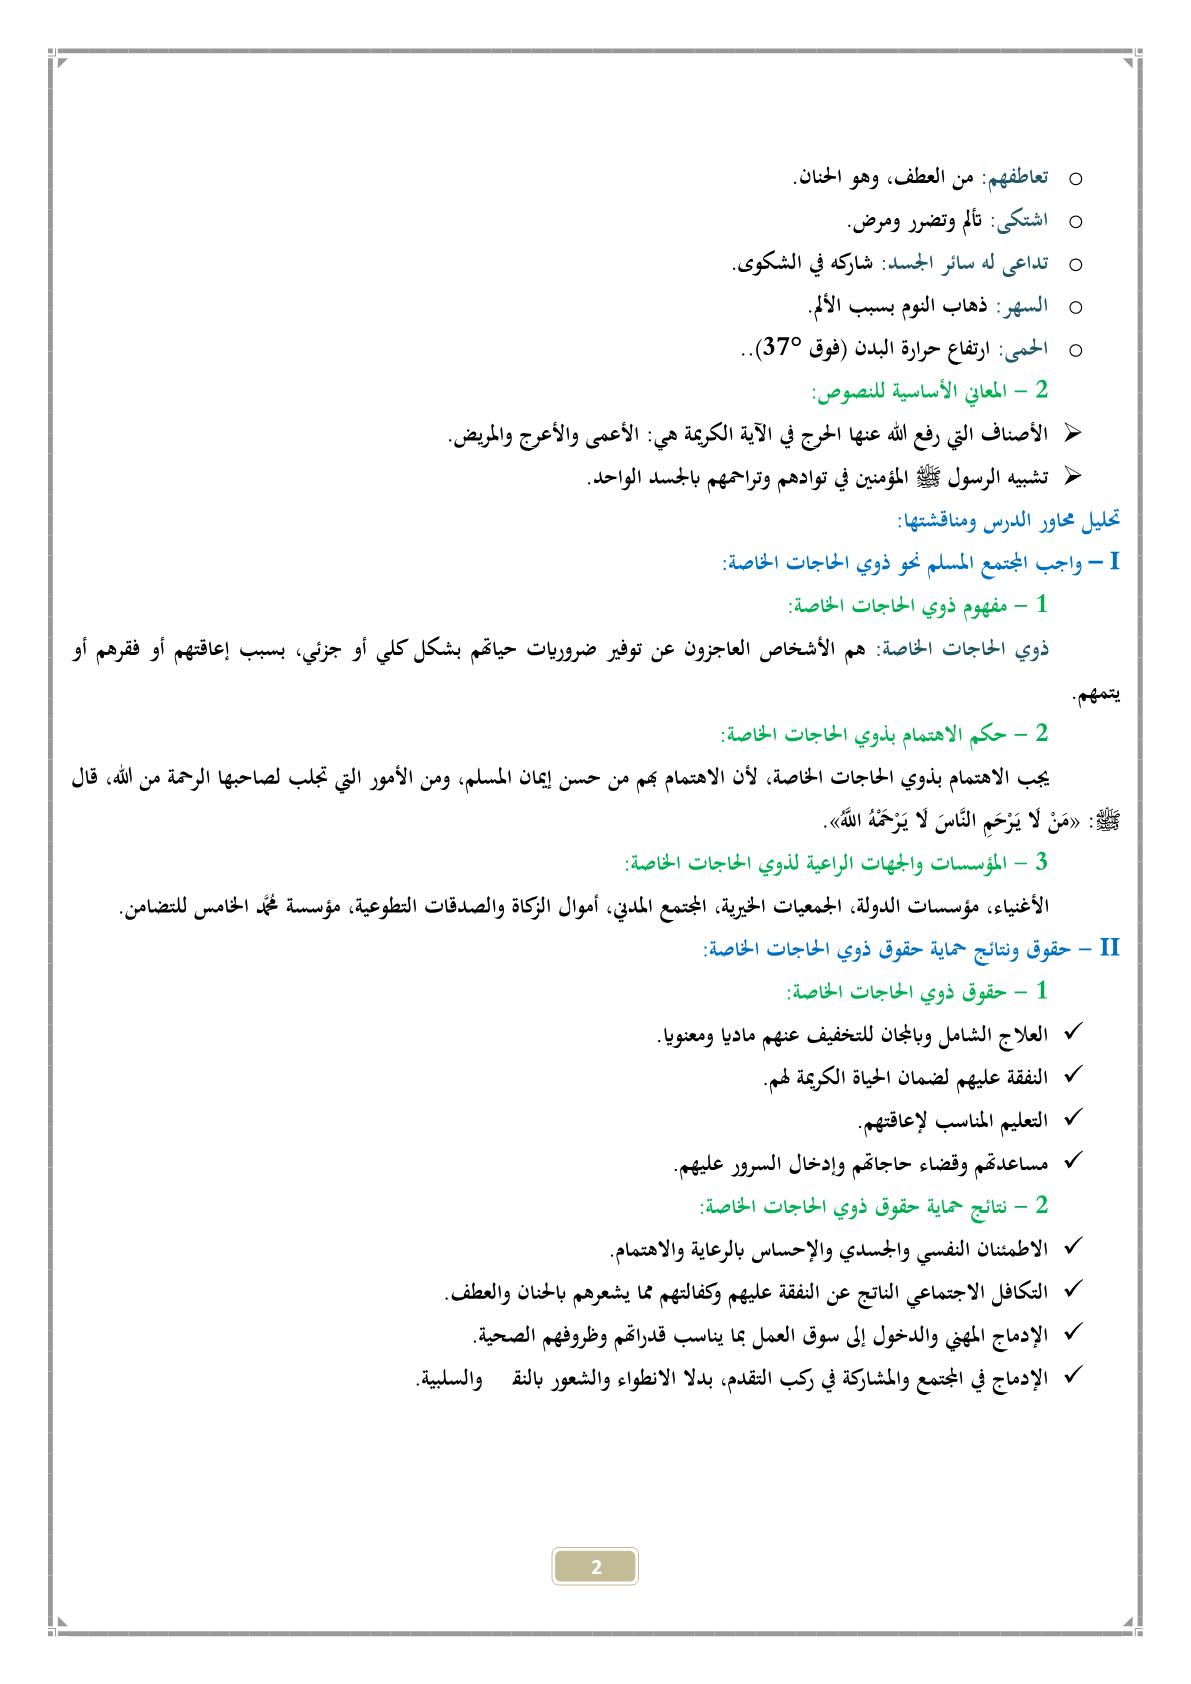 درس حقوق ذوي الحاجات في مادة التربية الإسلامية للسنة الثالثة إعدادي